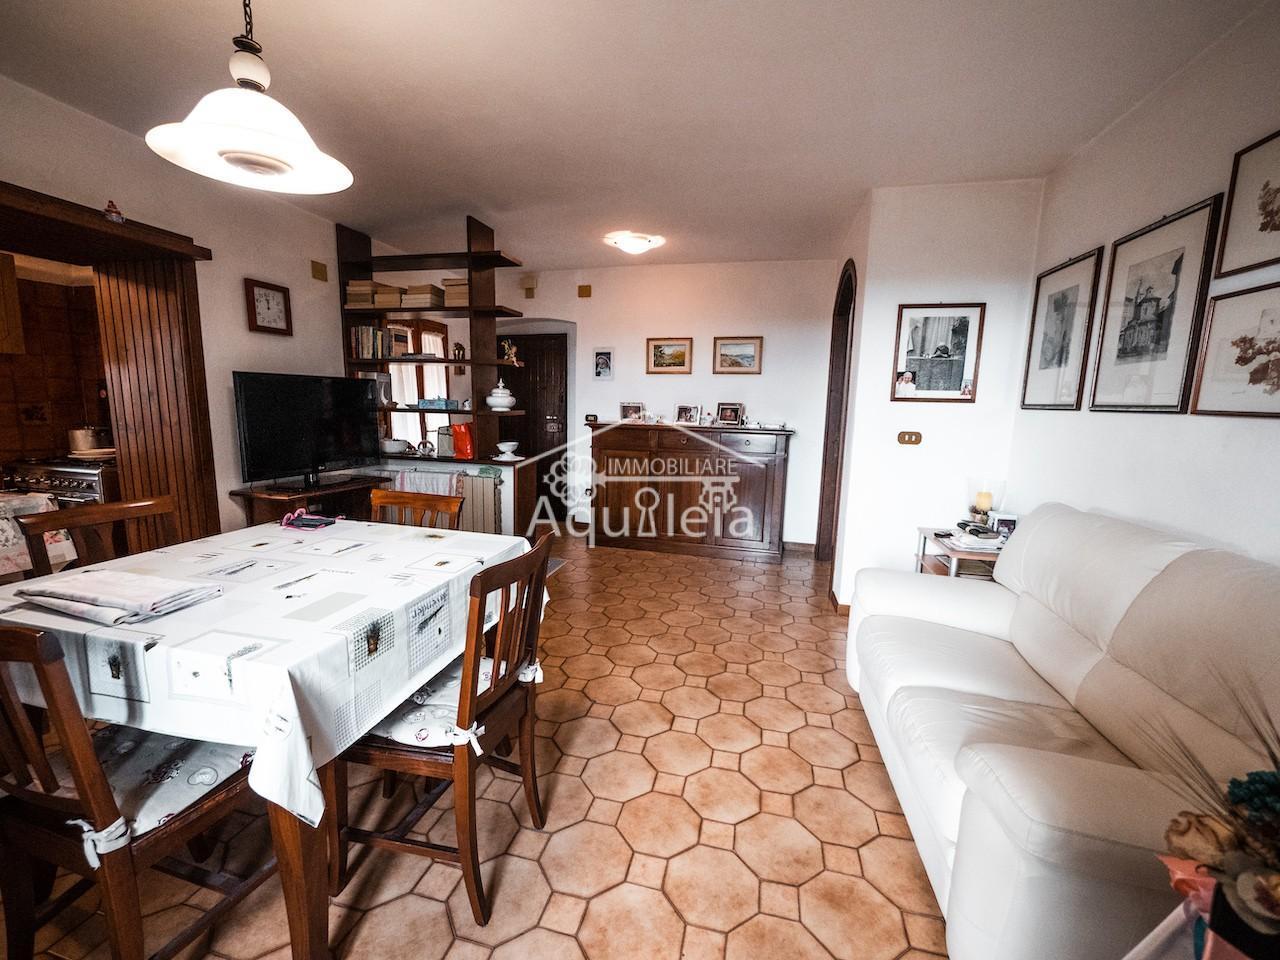 Appartamento in vendita, rif. AQ 1644